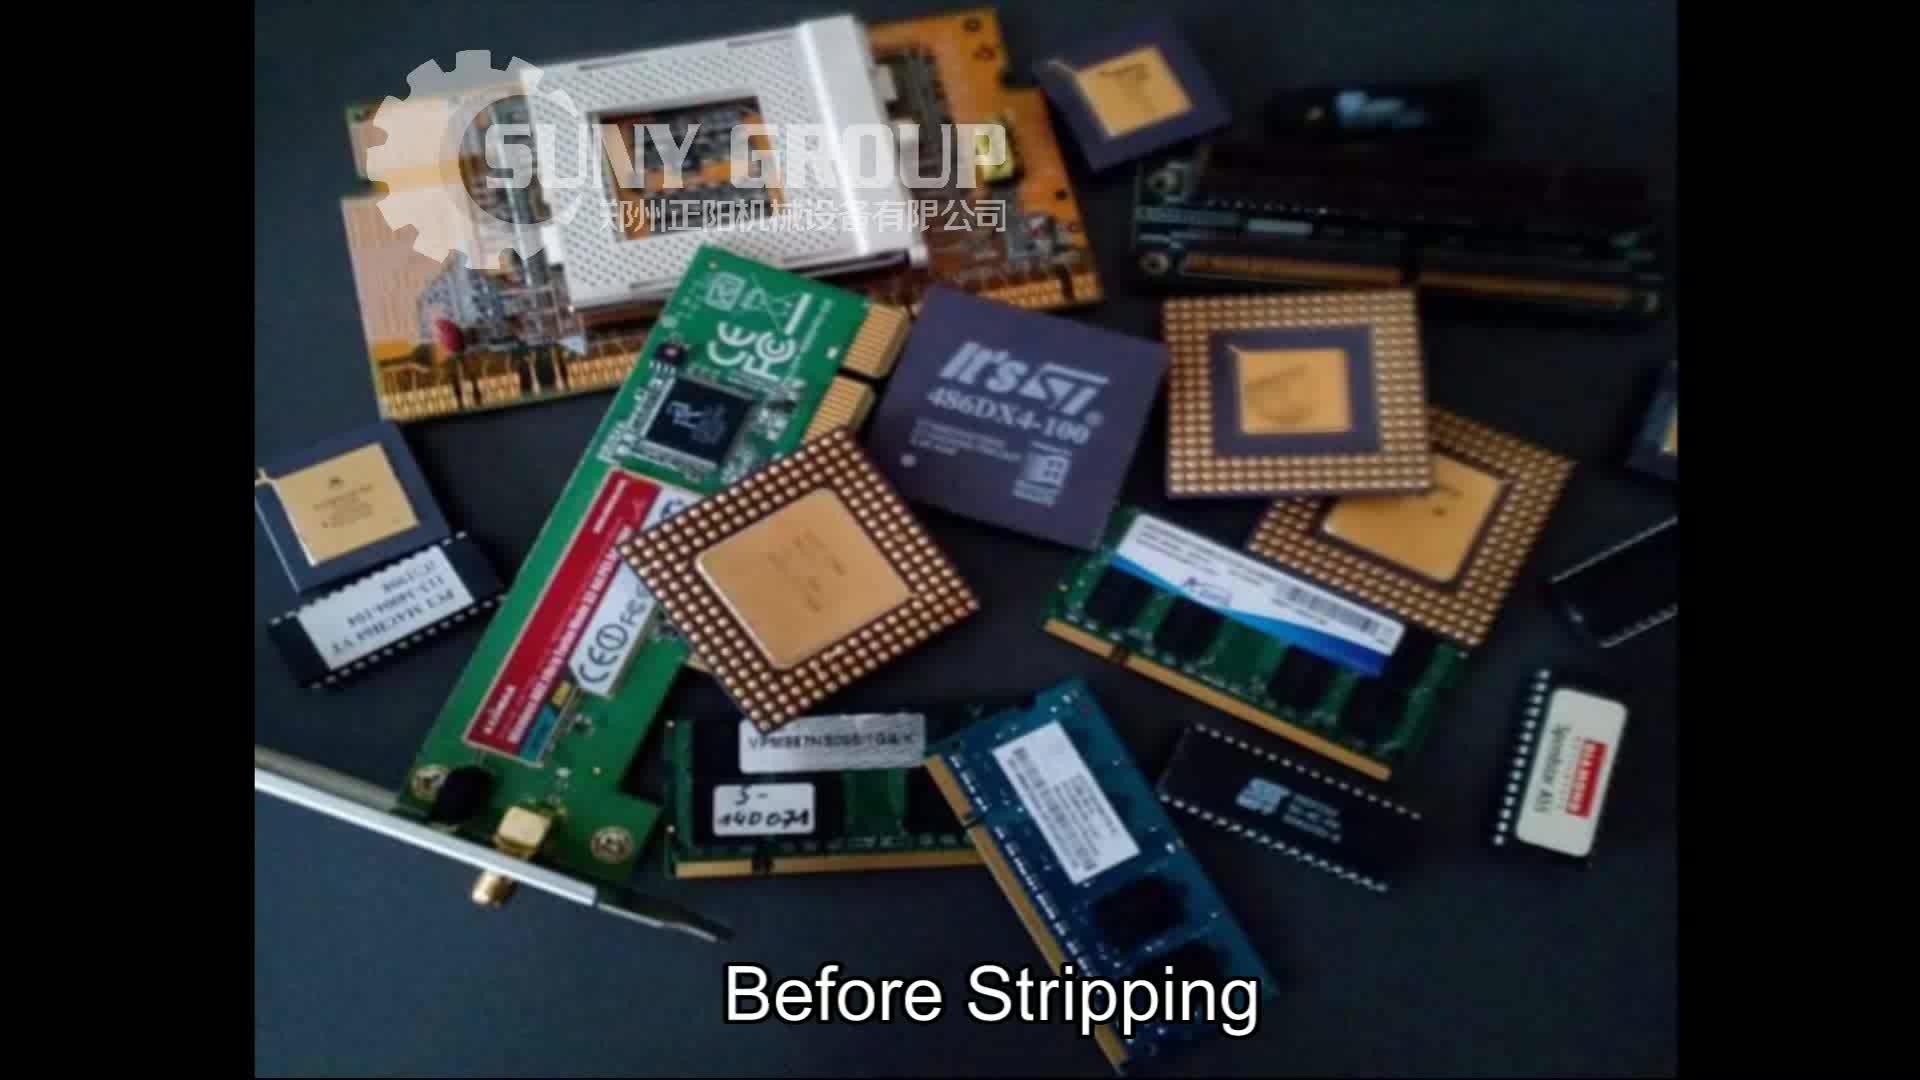 โทรศัพท์มือถือ PCB บอร์ด Gold Recovery เครื่อง E สายการรีไซเคิลขยะ